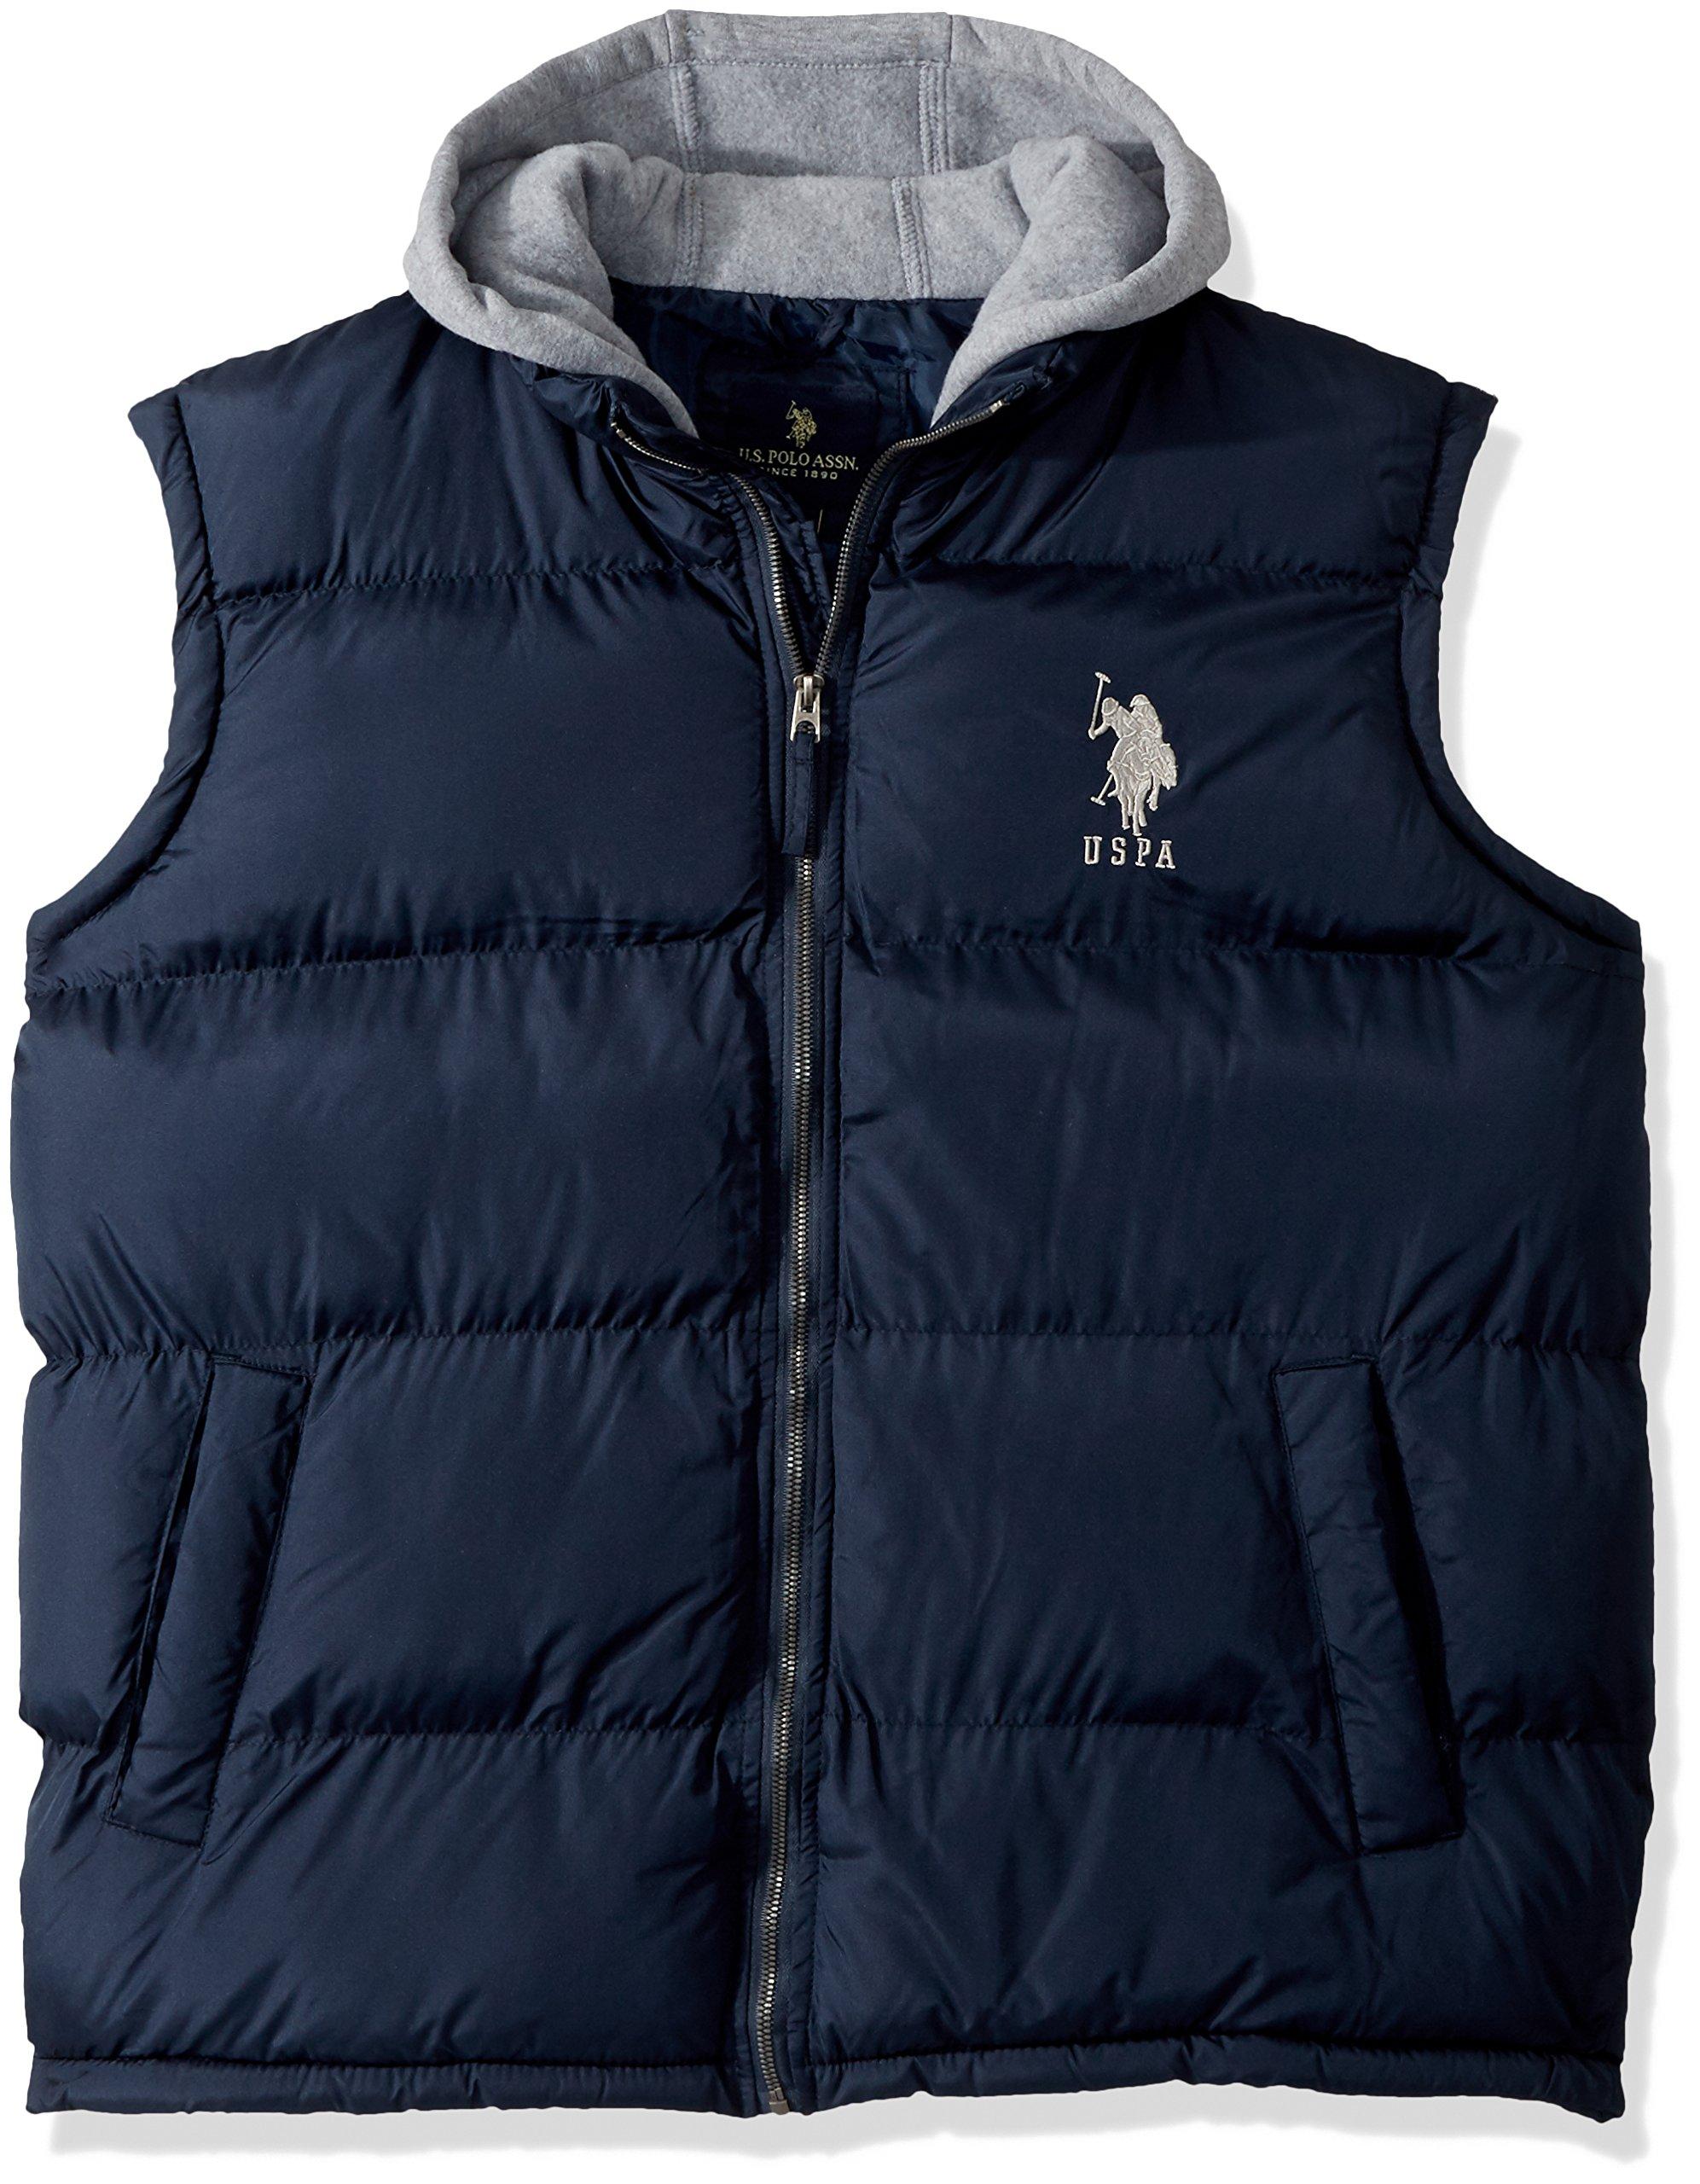 Mens Standard Puffer Vest Polo Assn U.S